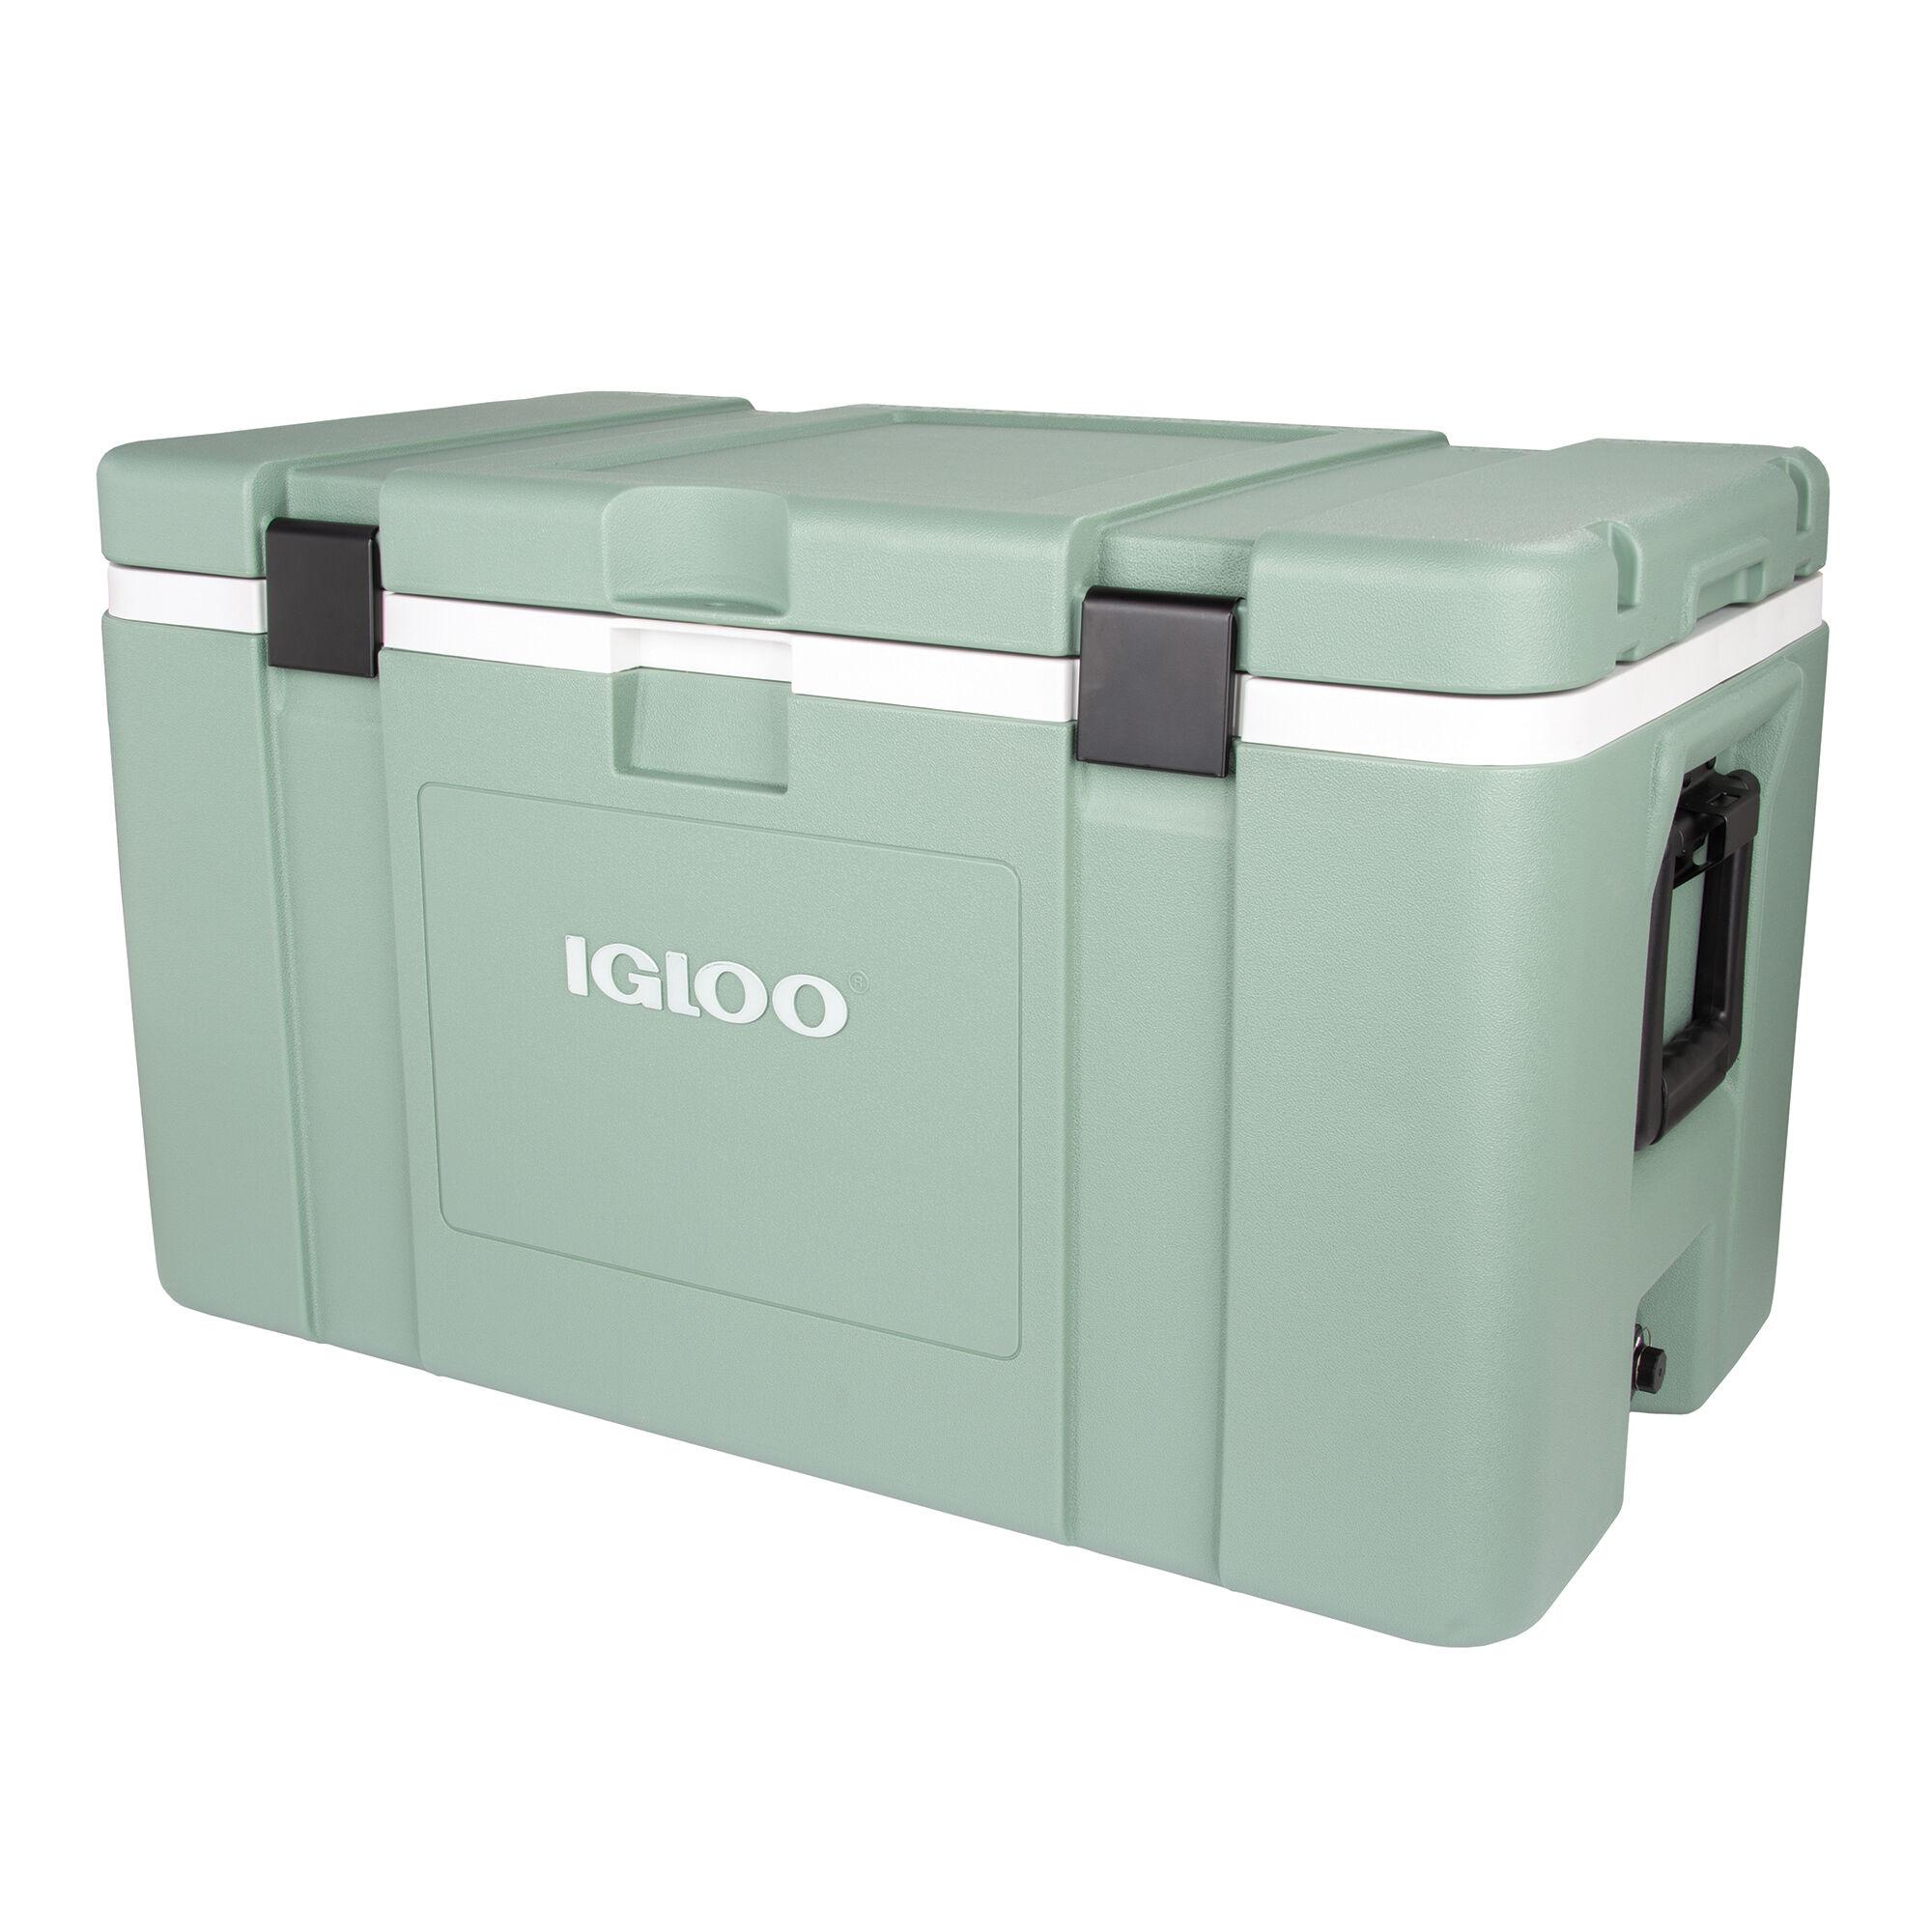 Igloo Mission 124-Quart Cooler